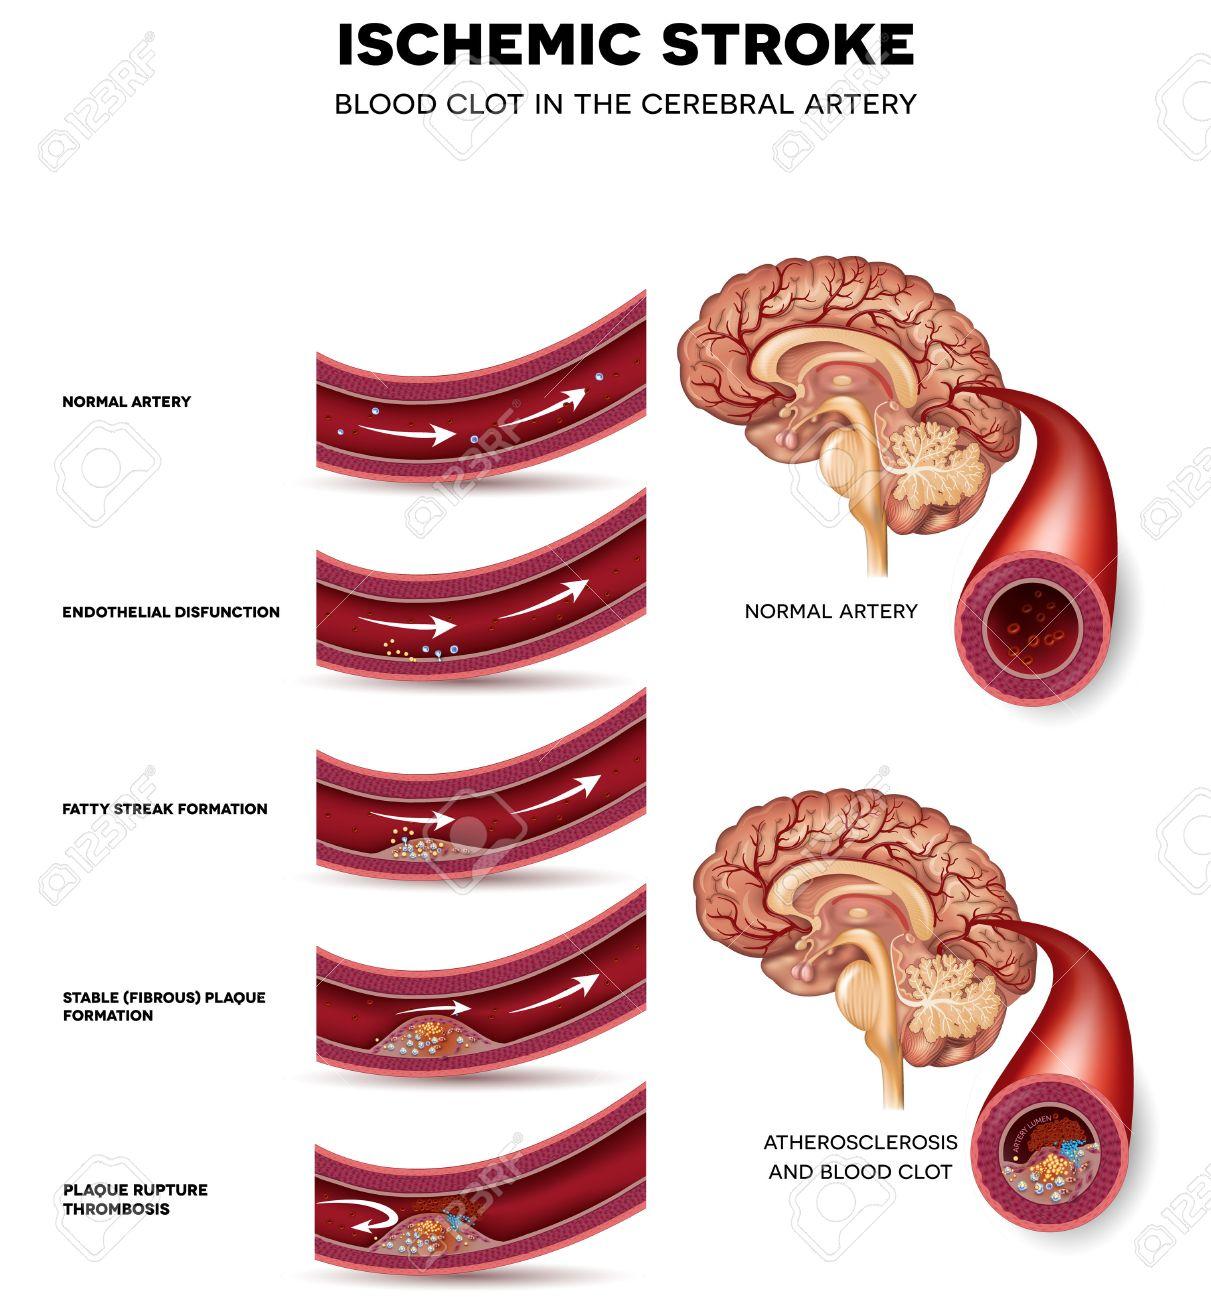 La Formación De Coágulos De Sangre En La Arteria Cerebral. Bloqueo ...